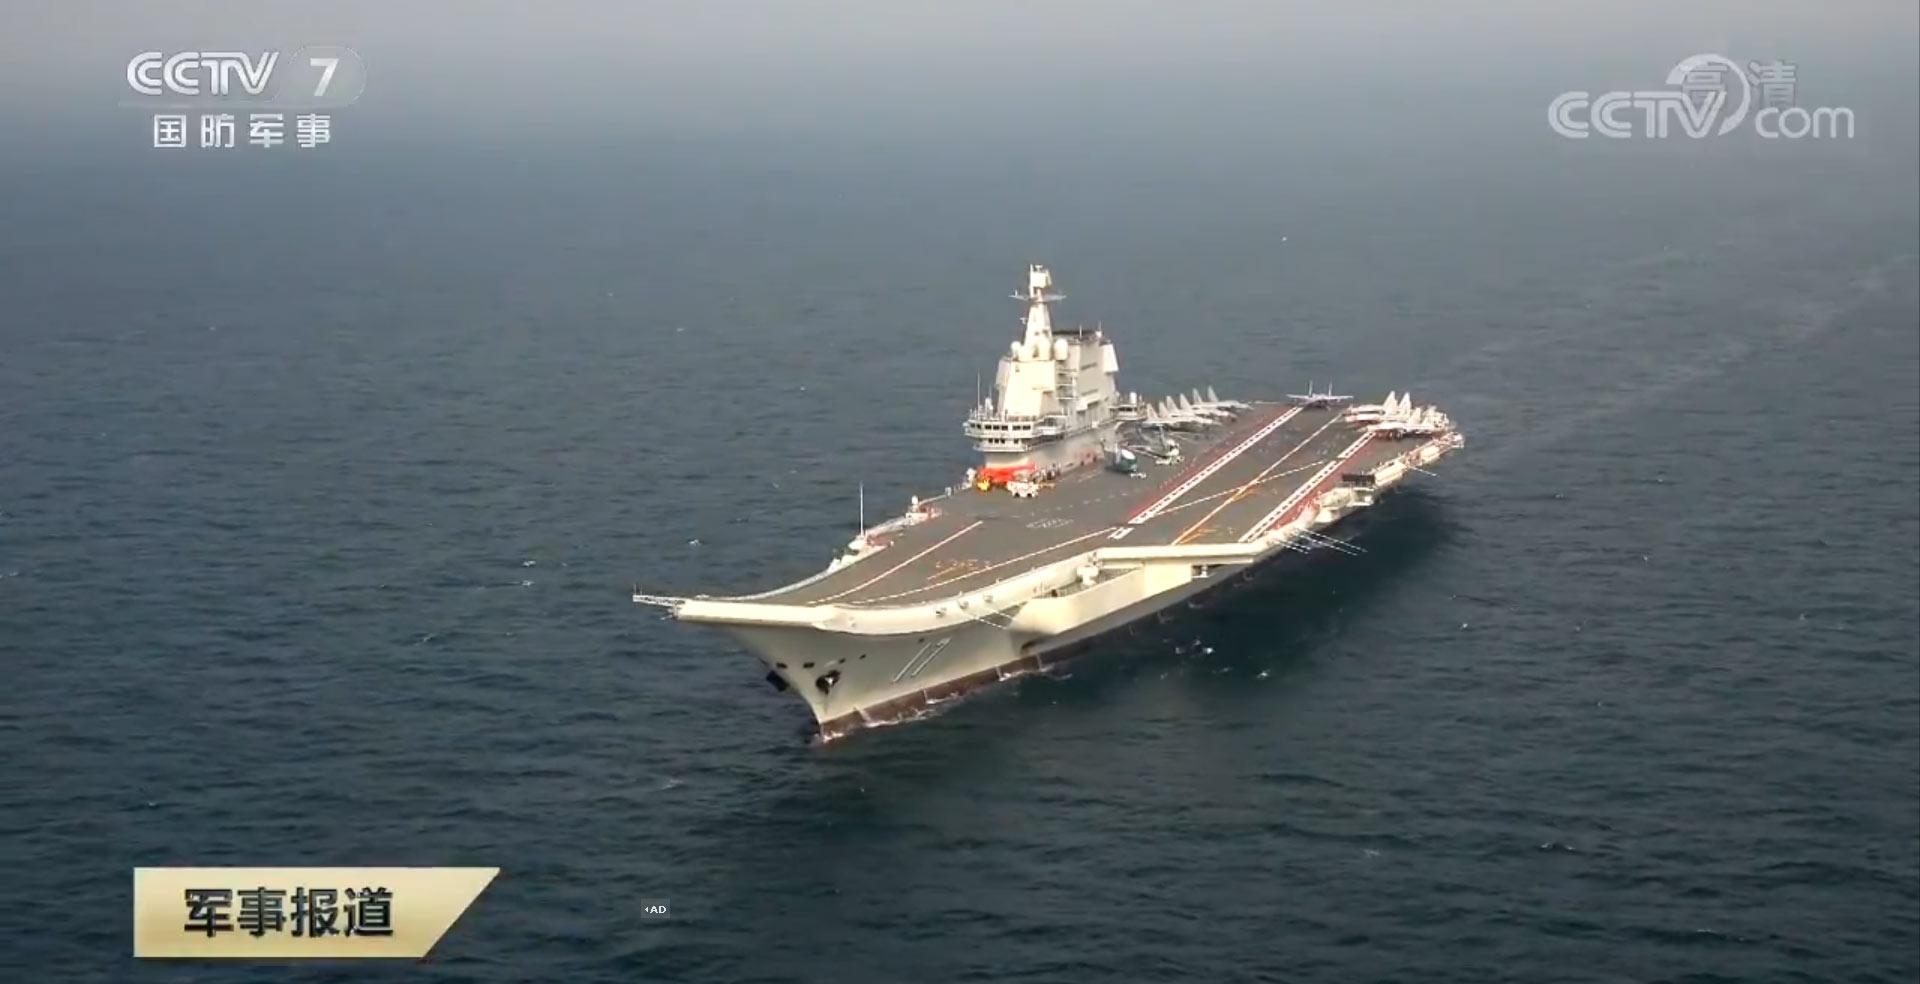 赢咖3:服疫情赢咖3影响山东舰今年首次出海训练图片